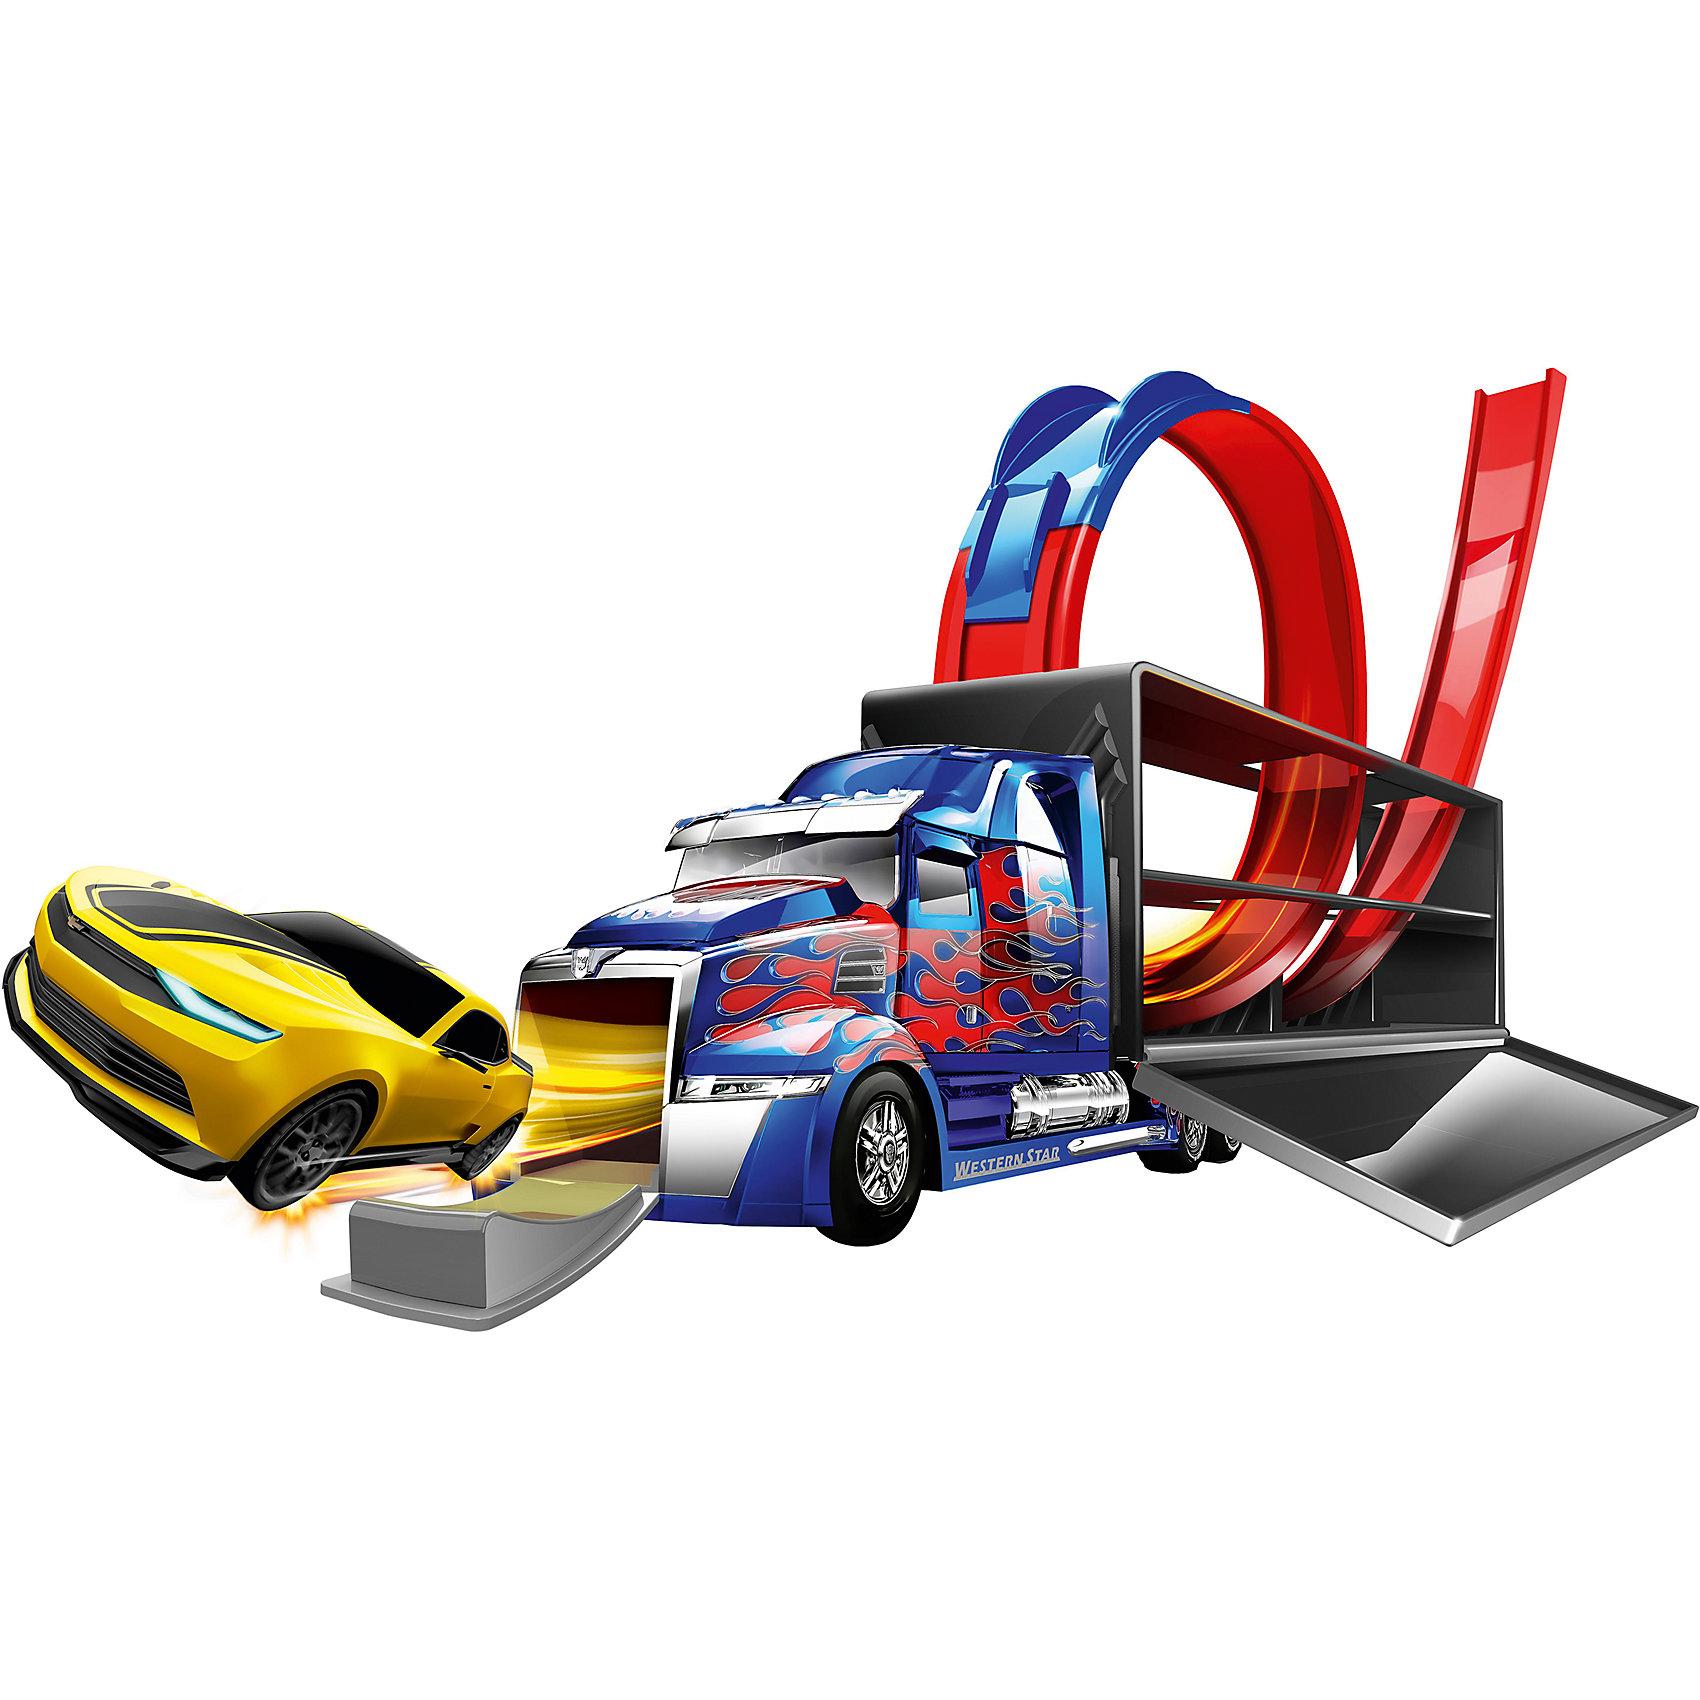 Трек Оптимус Прайм, Трансформеры, HTIТрек Оптимус Прайм, Трансформеры, HTI – это прекрасный подарок маленькому гонщику, поклоннику замечательного блокбастера.<br>Трек Оптимус Прайм – это увлекательнейший набор для мальчиков в стиле «Трансформеров». Необычный гоночный трек имеет вид грузовика Оптимуса Прайма, который на время игры раскладывается в трассу с мертвой петлей. Трек проходит прямо сквозь грузовик, инерционные машинки разгоняются и вылетают сквозь переднюю часть кабины, которая превращается в удобный спуск. В комплект входит цель, которую нужно разместить на полу. Так как цель двухсторонняя, ребенок сможет целиться как в Автобота, так и в Десептикона, в зависимости от того, какой машинкой играет. В наборе два автомобиля-героя — это Бамблби и Локдаун. В собранном положении, игрушкой можно играть как обычным грузовиком, и брать с собой в гости, на прогулку, в поездку. Для переноски на верхней части грузовика есть удобная ручка. Игра с треком подарит захватывающие впечатления, поспособствует развитию внимания и реакции.<br><br>Дополнительная информация:<br><br>- В наборе: 1 большая машина с треком, 2 инерционные машинки Бамблби и Локдаун, цель, подробная схематичная инструкция по сборке трека.<br>- Размер инерционной машинки: 8 см.<br>- Длина грузовика: 53 см.<br>- Диаметр мишени: 13 см.<br>- Материал: пластик, металл<br>- Размер упаковки: 33 х 12 х 55 см.<br>- Вес: 1436 гр.<br><br>Трек Оптимус Прайм, Трансформеры, HTI можно купить в нашем интернет-магазине.<br><br>Ширина мм: 330<br>Глубина мм: 120<br>Высота мм: 550<br>Вес г: 1436<br>Возраст от месяцев: 36<br>Возраст до месяцев: 168<br>Пол: Мужской<br>Возраст: Детский<br>SKU: 4301433